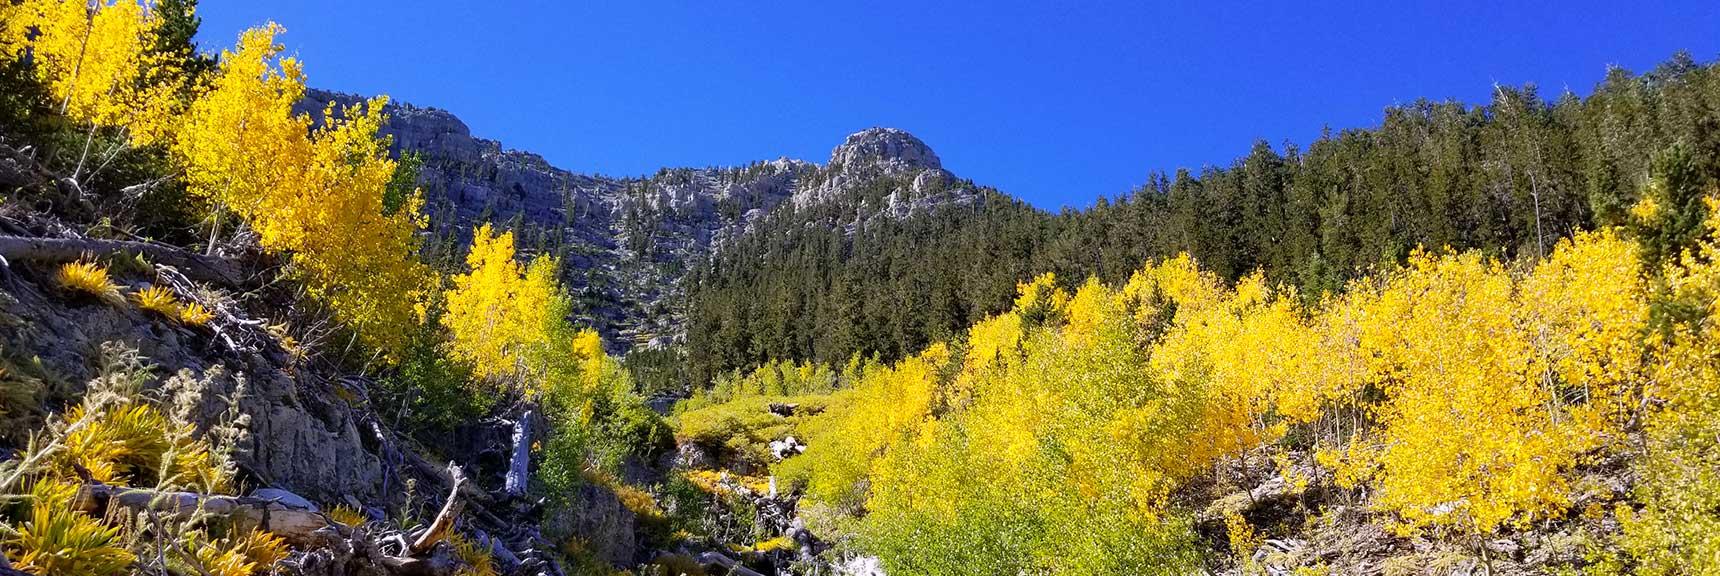 Wash Below Lee Peak in Lee Canyon, Nevada